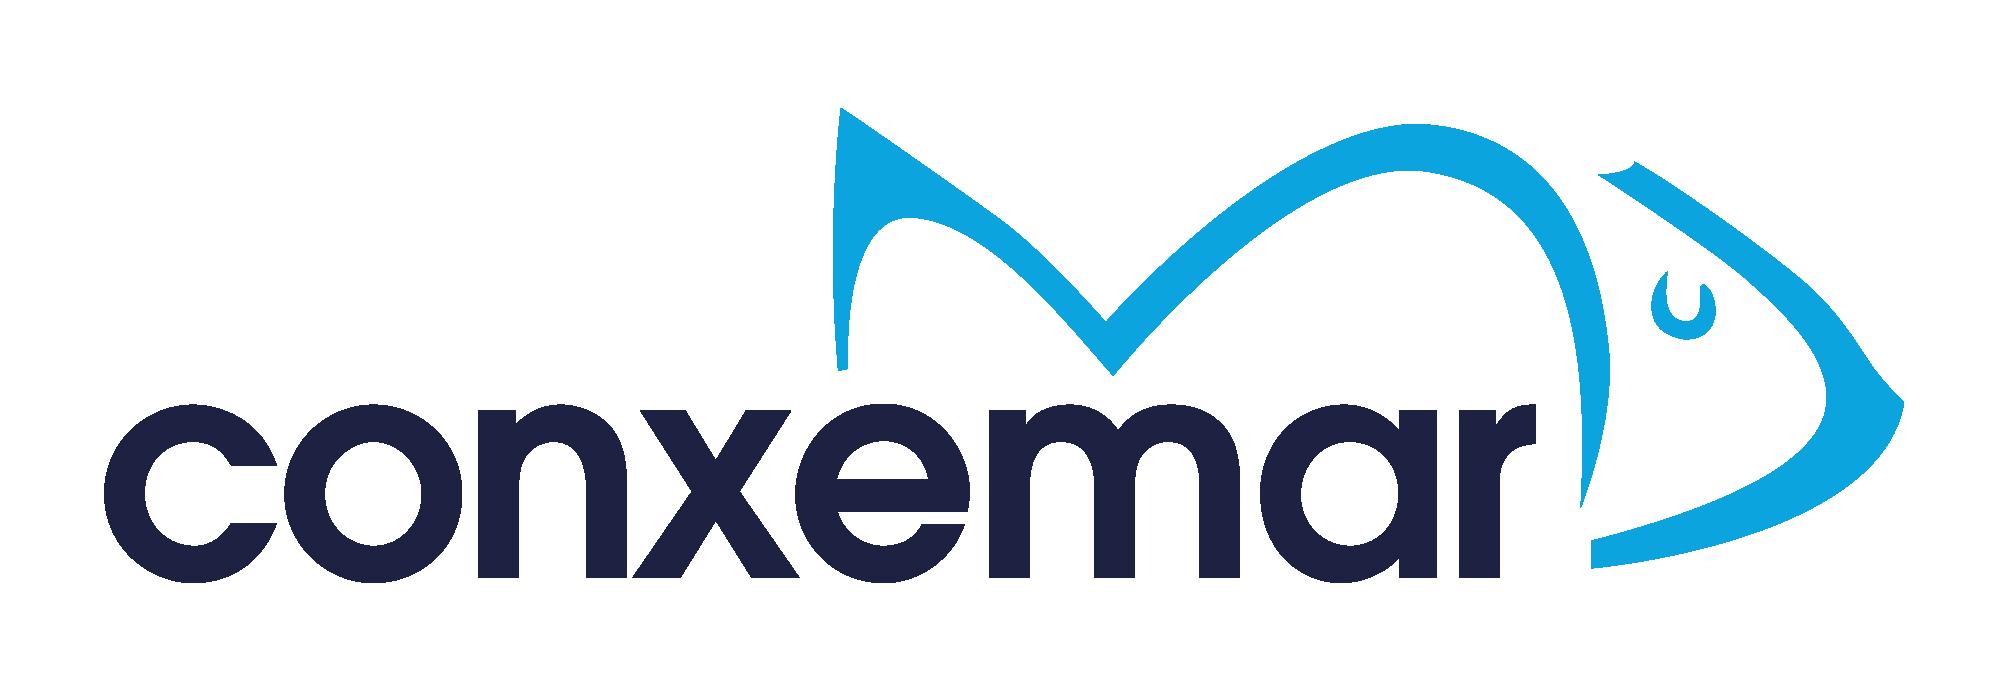 Logo_Conxemar